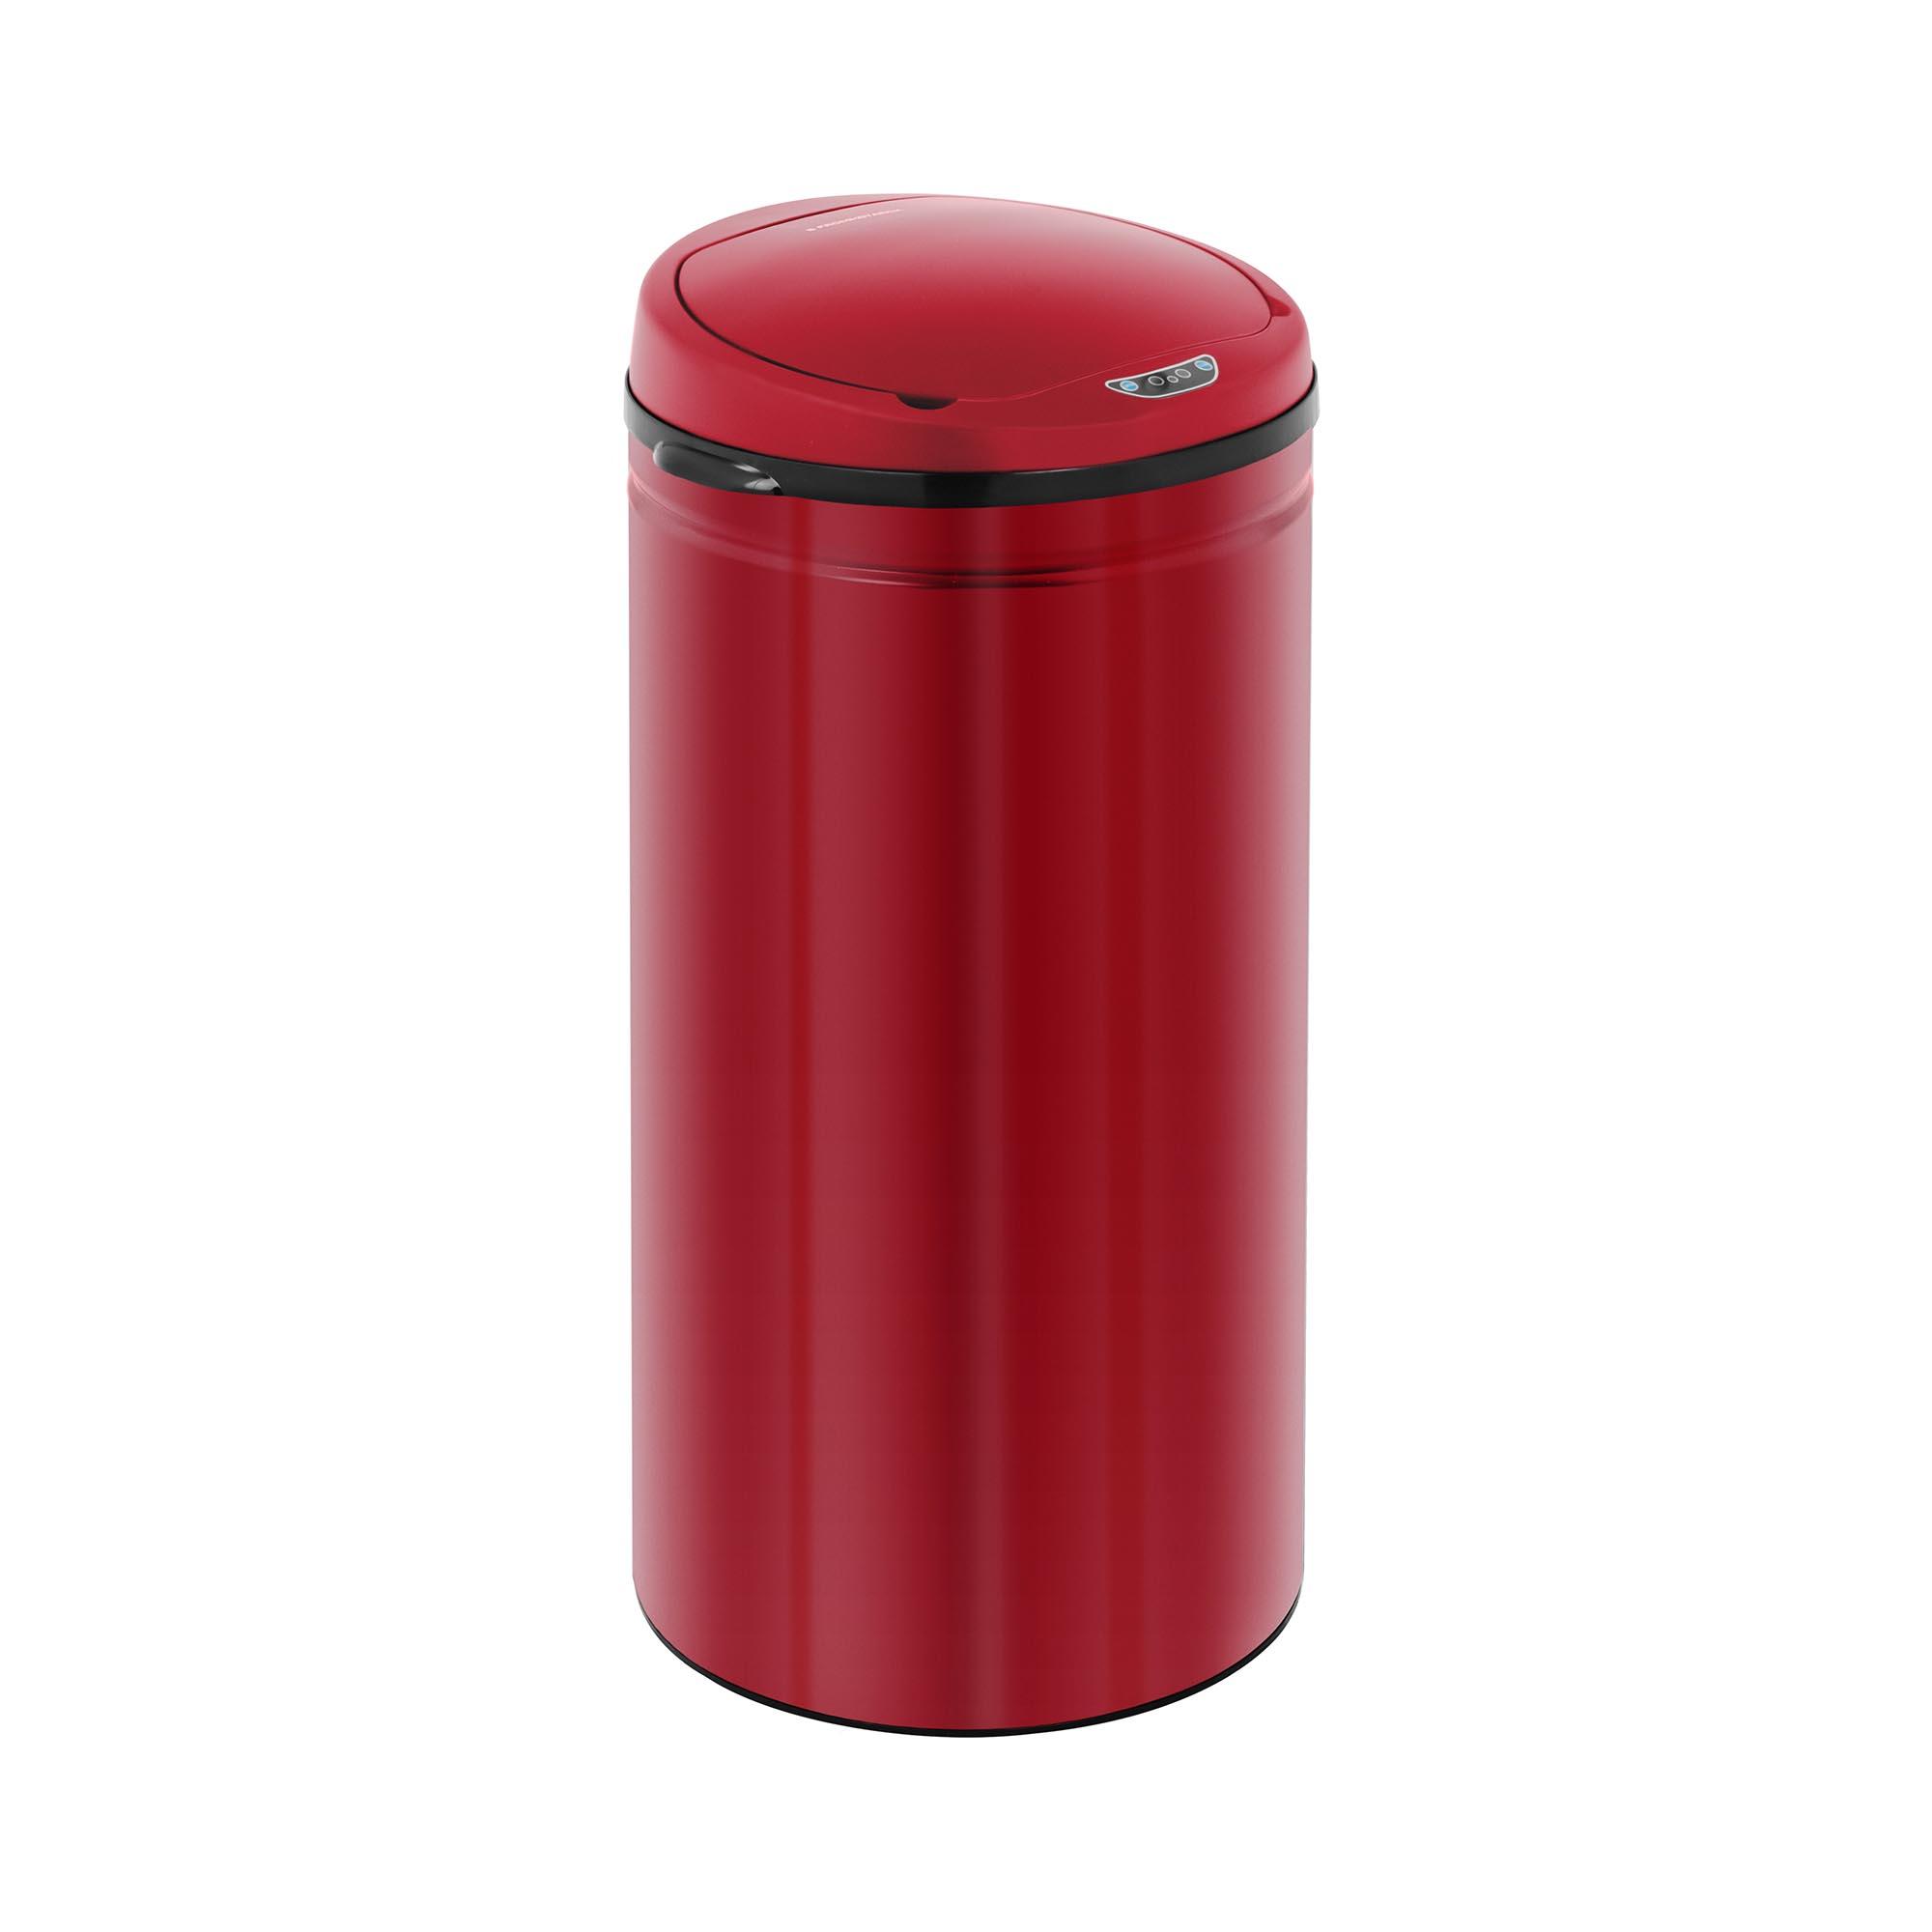 Fromm & Starck Avfallsbeholder med sensor - 42 L - ekstra beholder - karbonstål 10260191